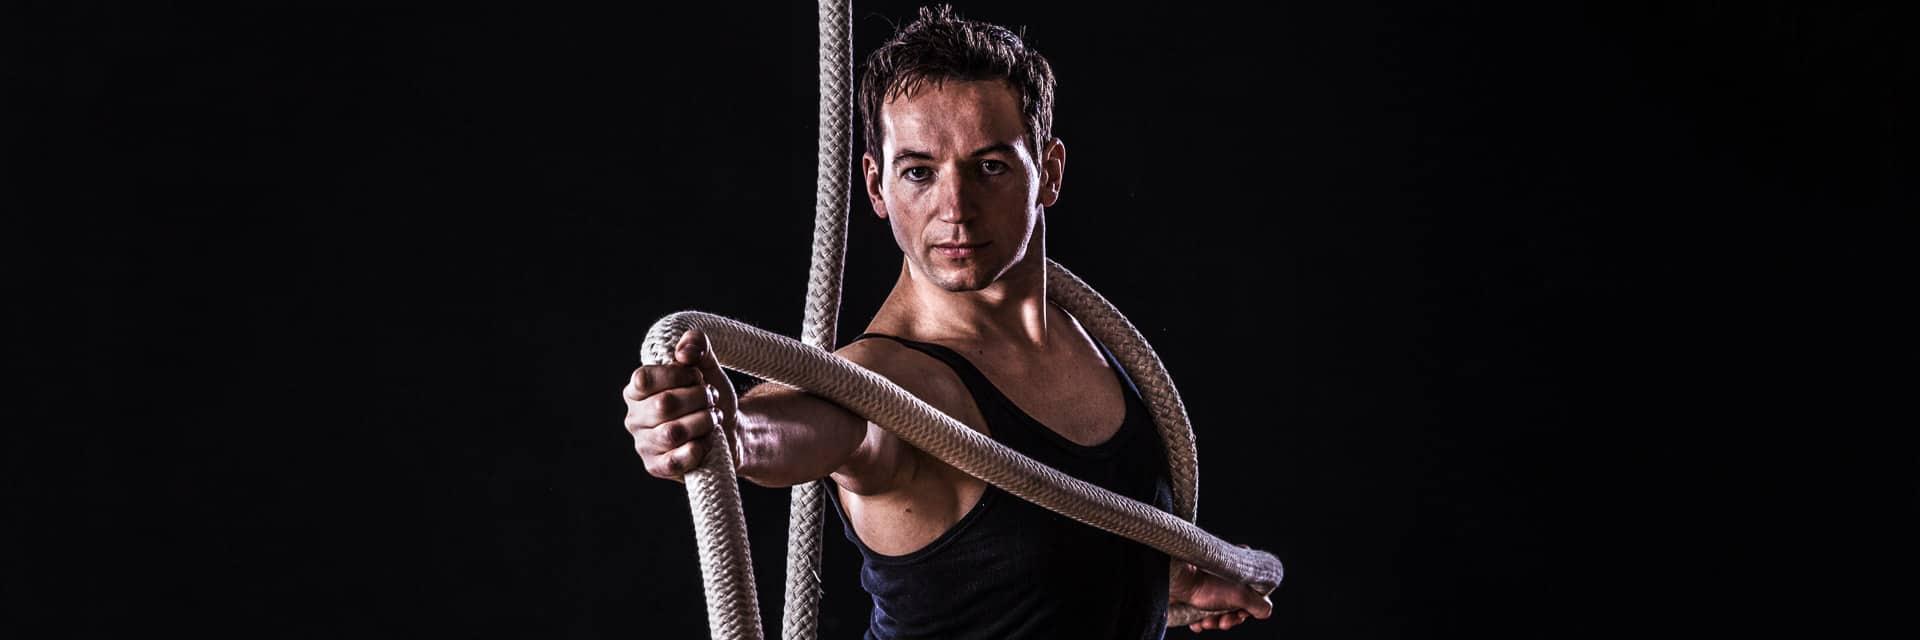 Der Akrobat Ralf Kolossa mit Vertikalseil